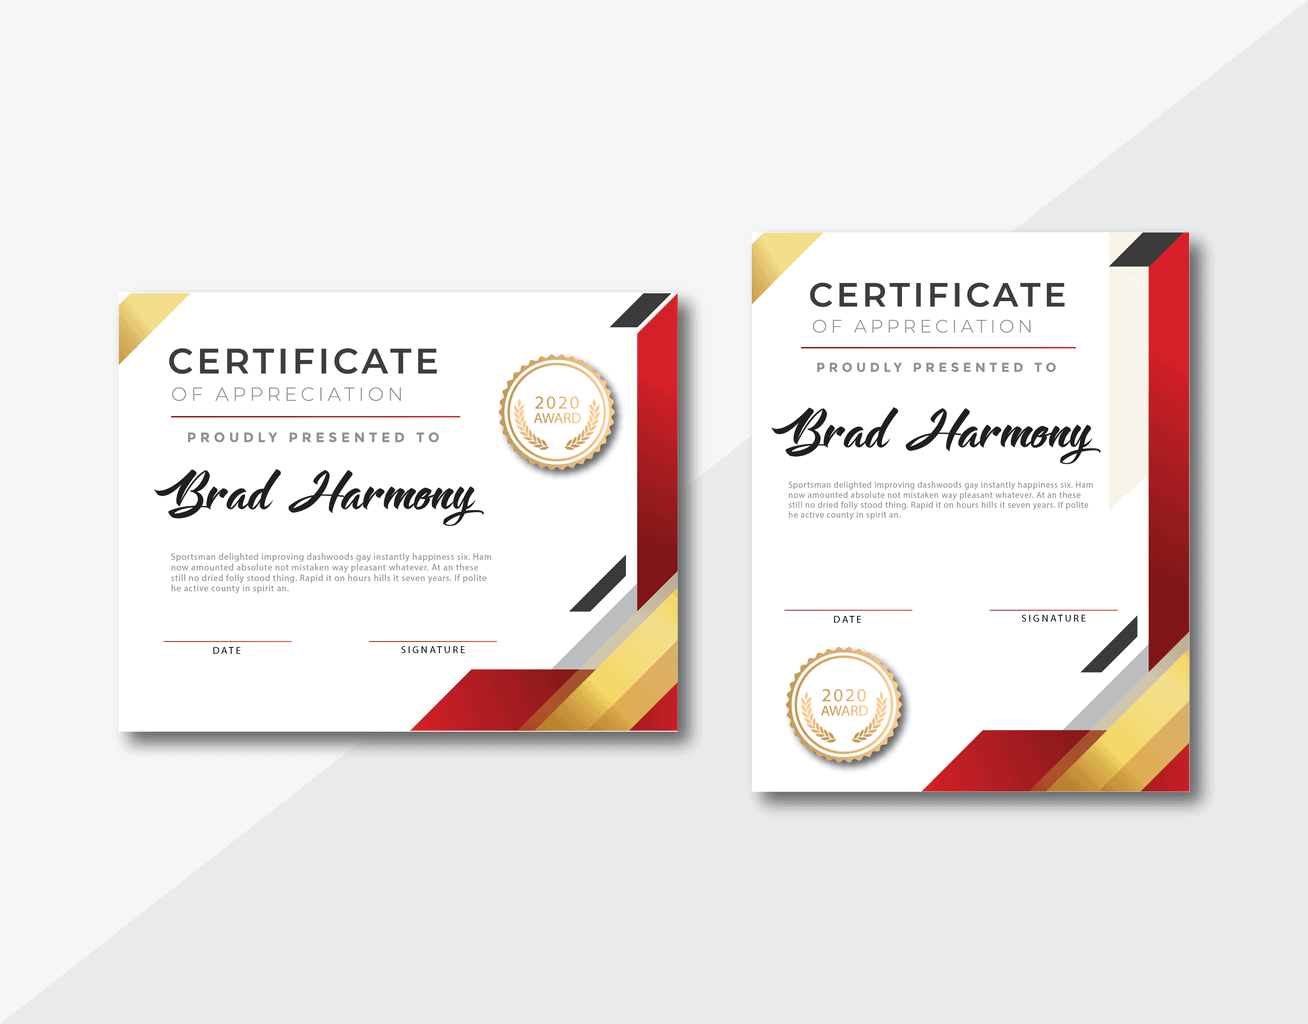 certificate proud awards